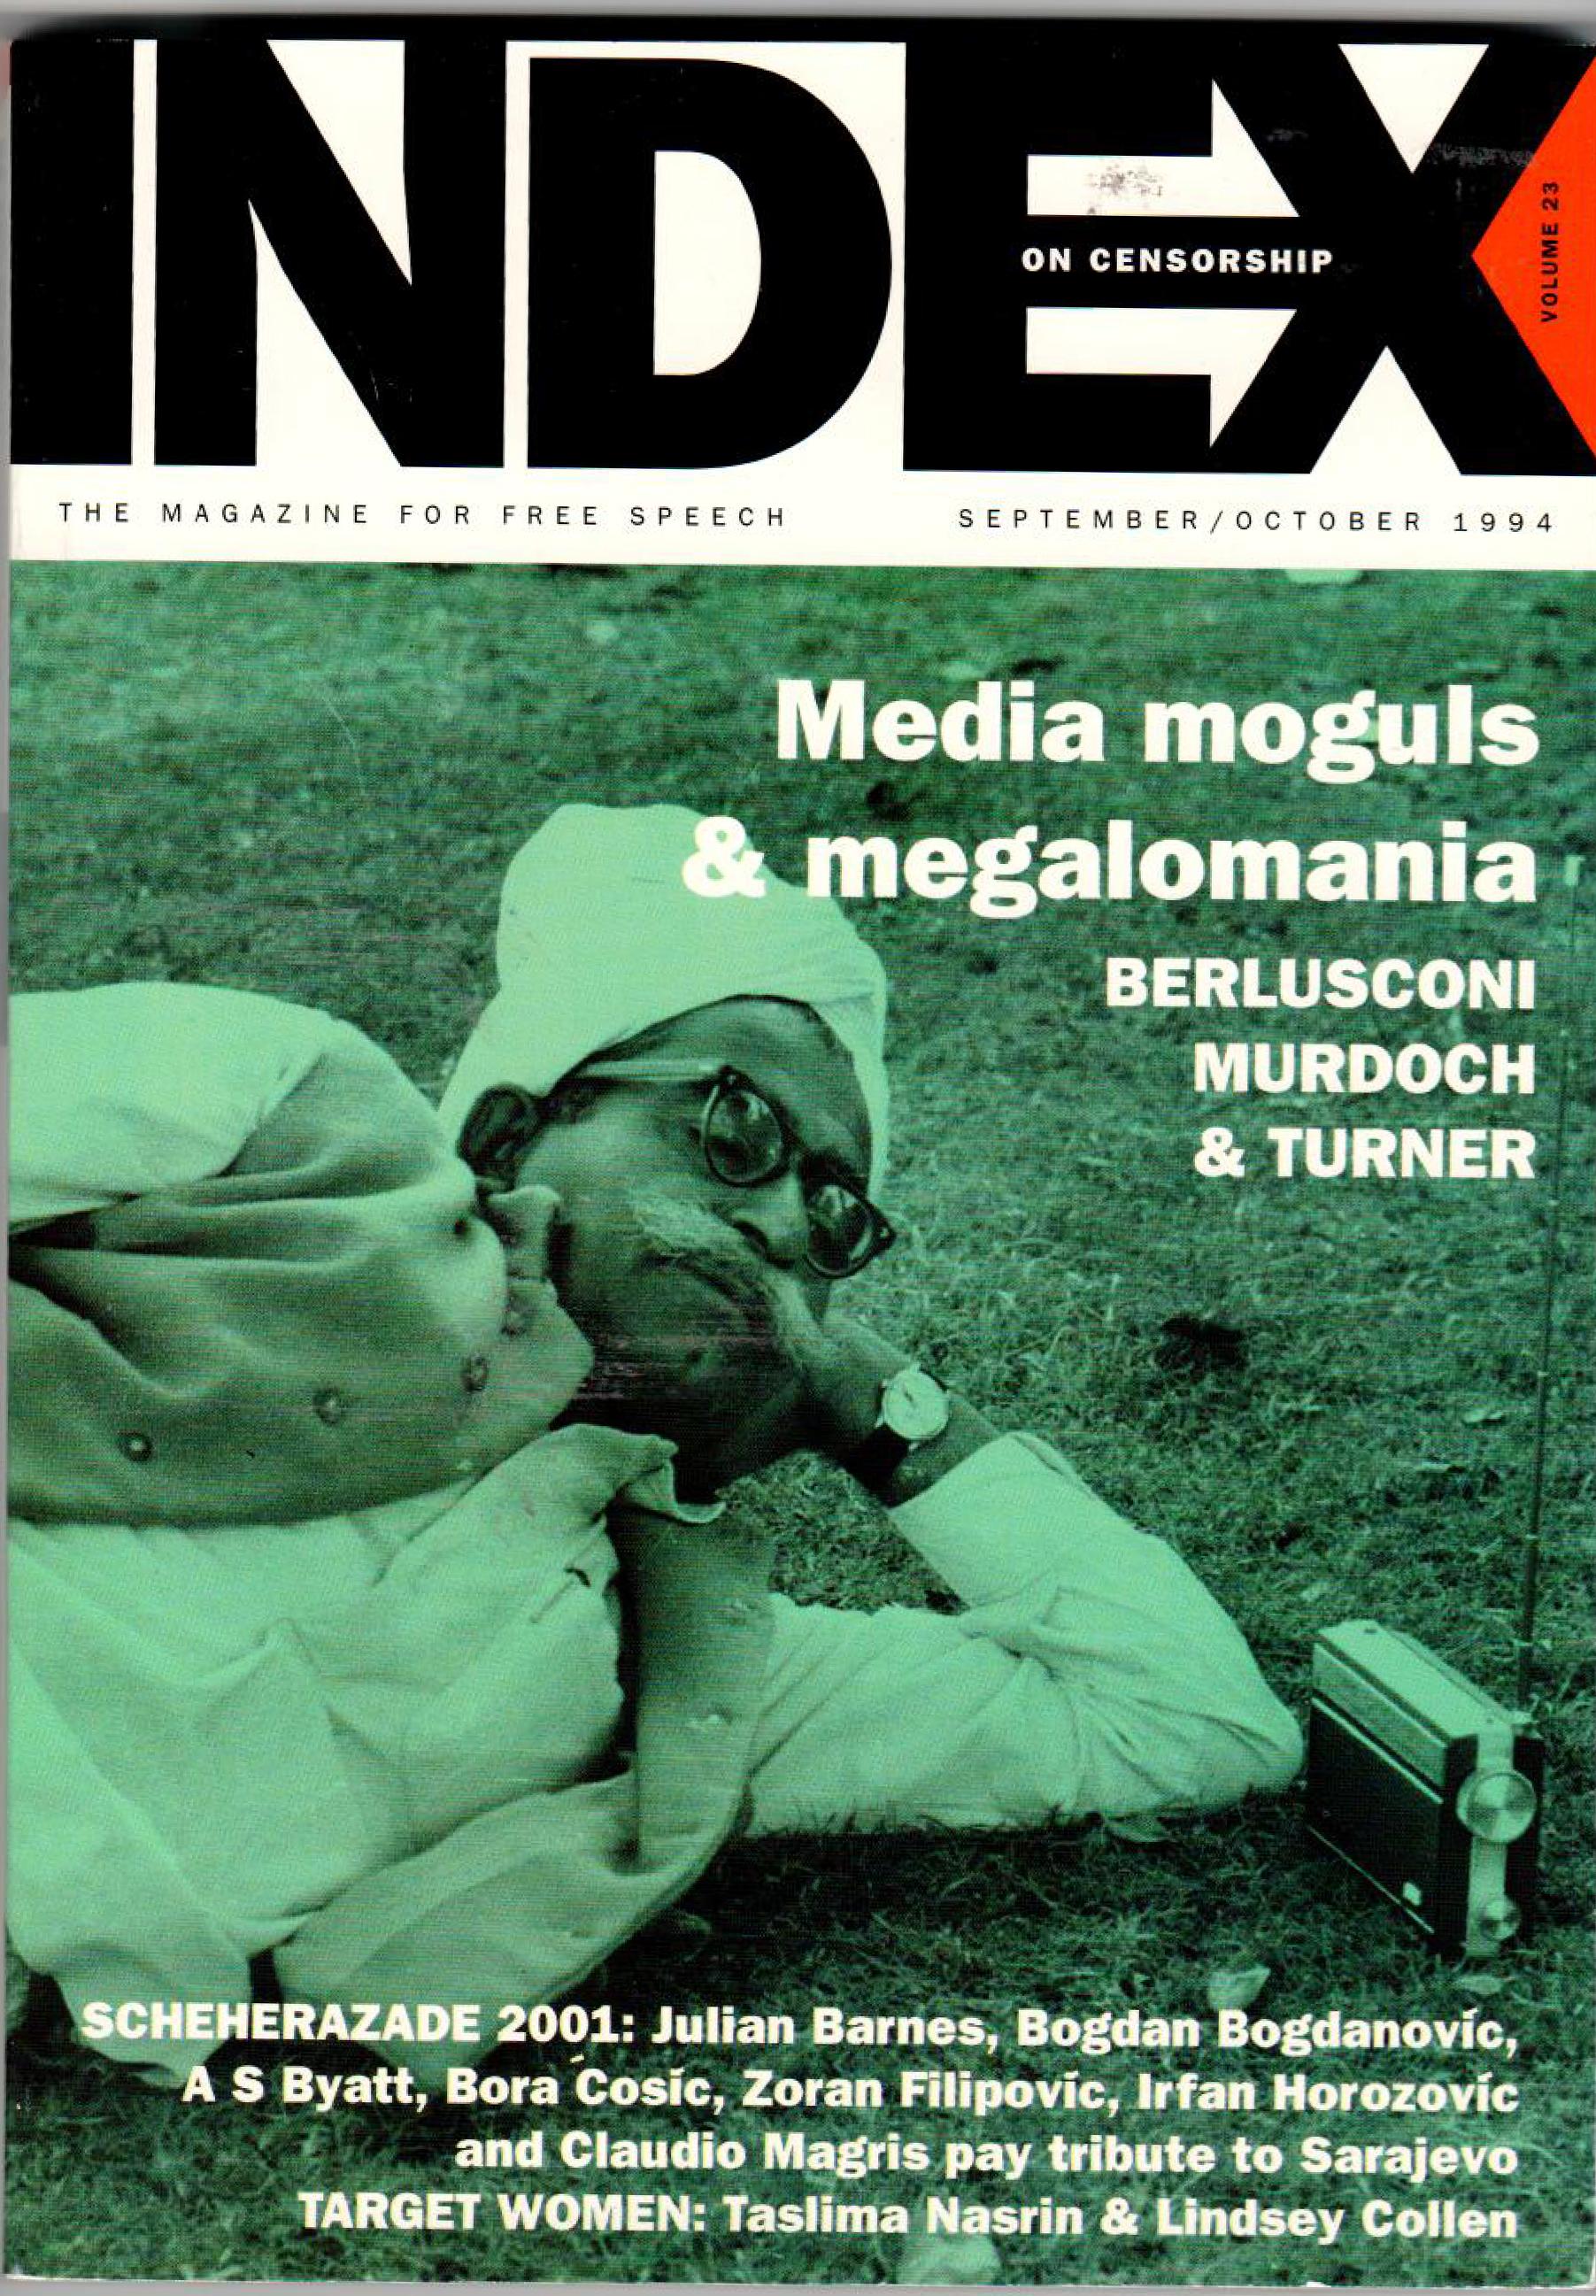 Media moguls & megalomania, the September 1994 issue of Index on Censorship magazine